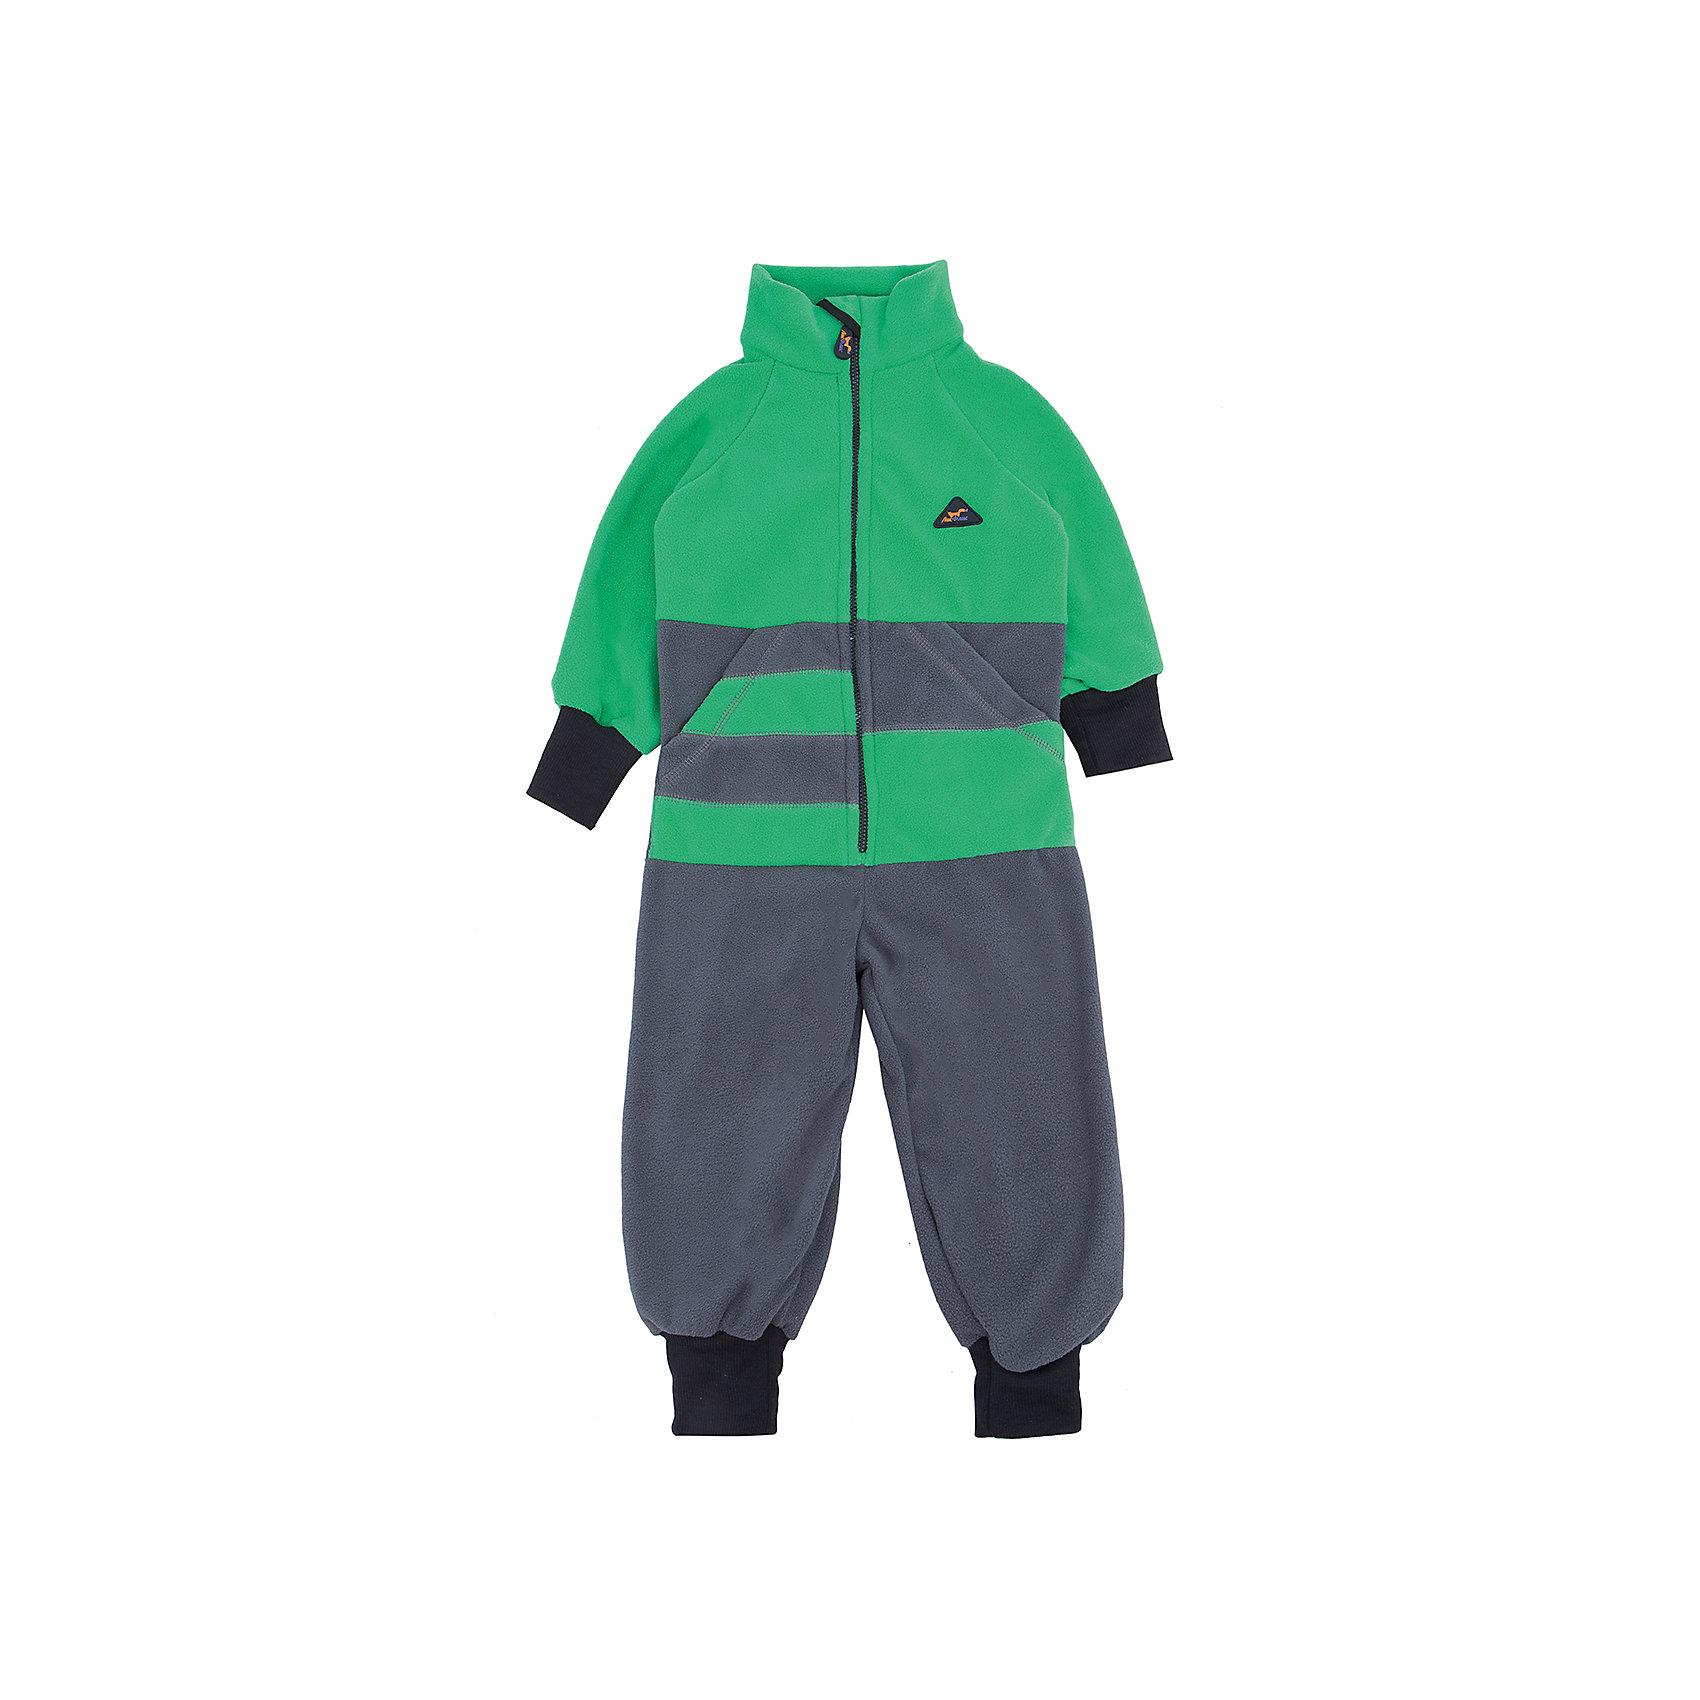 Комбинезон Полоска ЛисФлисФлис и термобелье<br>Характеристики комбинезона:<br><br>- пол: для девочек, для мальчиков<br>- комплект: комбинезон<br>- длина рукава: длинные<br>- цвет: зеленый/синий<br>- вид застежки: молния<br>- материал: флис<br>- уход: предварительная стирка<br>- рисунок: без рисунка<br>- утеплитель: без утепления<br>- назначение: повседневная<br>- сезон: круглогодичный<br>- страна бренда: Россия<br>- страна производитель: Россия<br><br>Комбинезон торговой марки ЛисФлис очень мягкий, легкий, теплый! Комплект выполнен из двустороннего микрофлиса, 180 гр. Изделие дополнено манжетами на рукавах и штанинах, защитой-стоппером от молнии. Комбинезон оформлен интересным дизайнерским решением на передней части кофты на зеленом фоне имеются темно-синие объемные полосы.<br><br>Комбинезон торговой марки ЛисФлис можно купить в нашем интернет-магазине.<br><br>Ширина мм: 215<br>Глубина мм: 88<br>Высота мм: 191<br>Вес г: 336<br>Цвет: grau/gr?n<br>Возраст от месяцев: 12<br>Возраст до месяцев: 18<br>Пол: Унисекс<br>Возраст: Детский<br>Размер: 86,134,80,92,98,104,110,116,122,128<br>SKU: 4939366